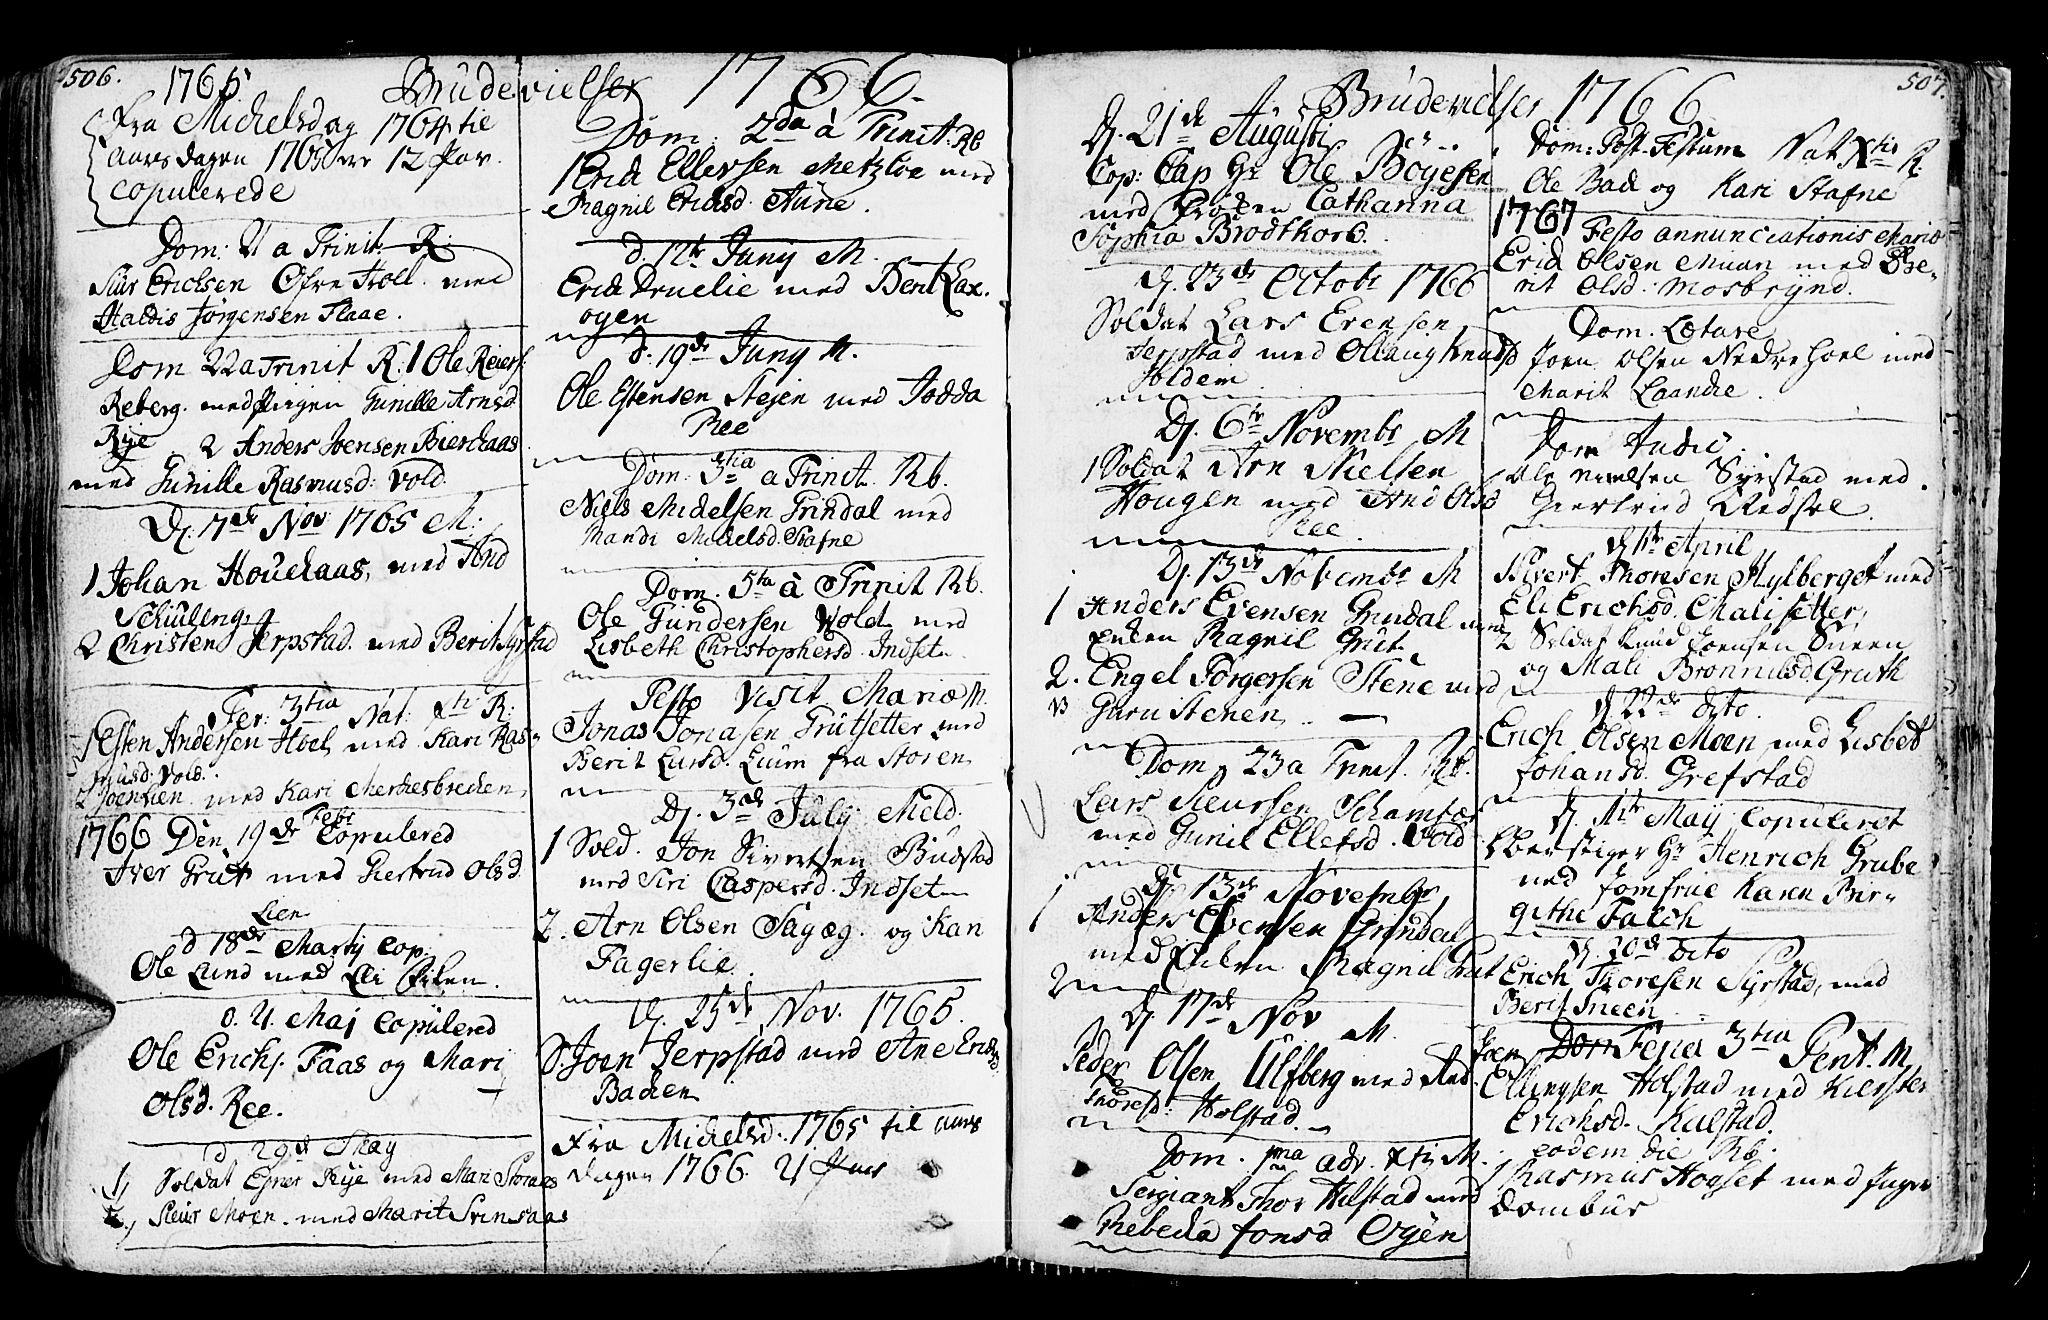 SAT, Ministerialprotokoller, klokkerbøker og fødselsregistre - Sør-Trøndelag, 672/L0851: Ministerialbok nr. 672A04, 1751-1775, s. 506-507